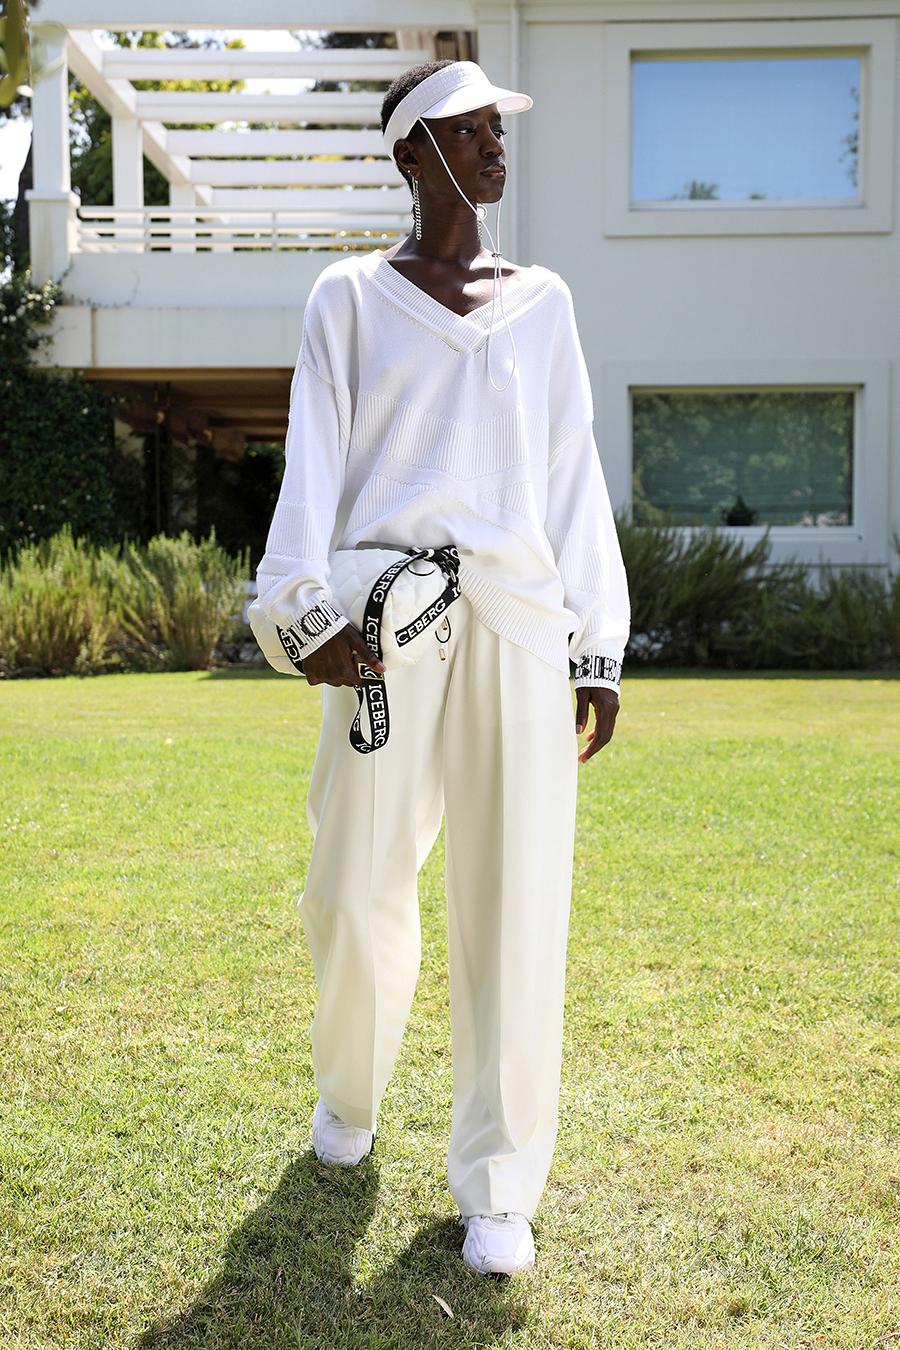 самые модные кроссовки кеды спортивные сандалии женские обувь лето 2021 простые белые минимализм